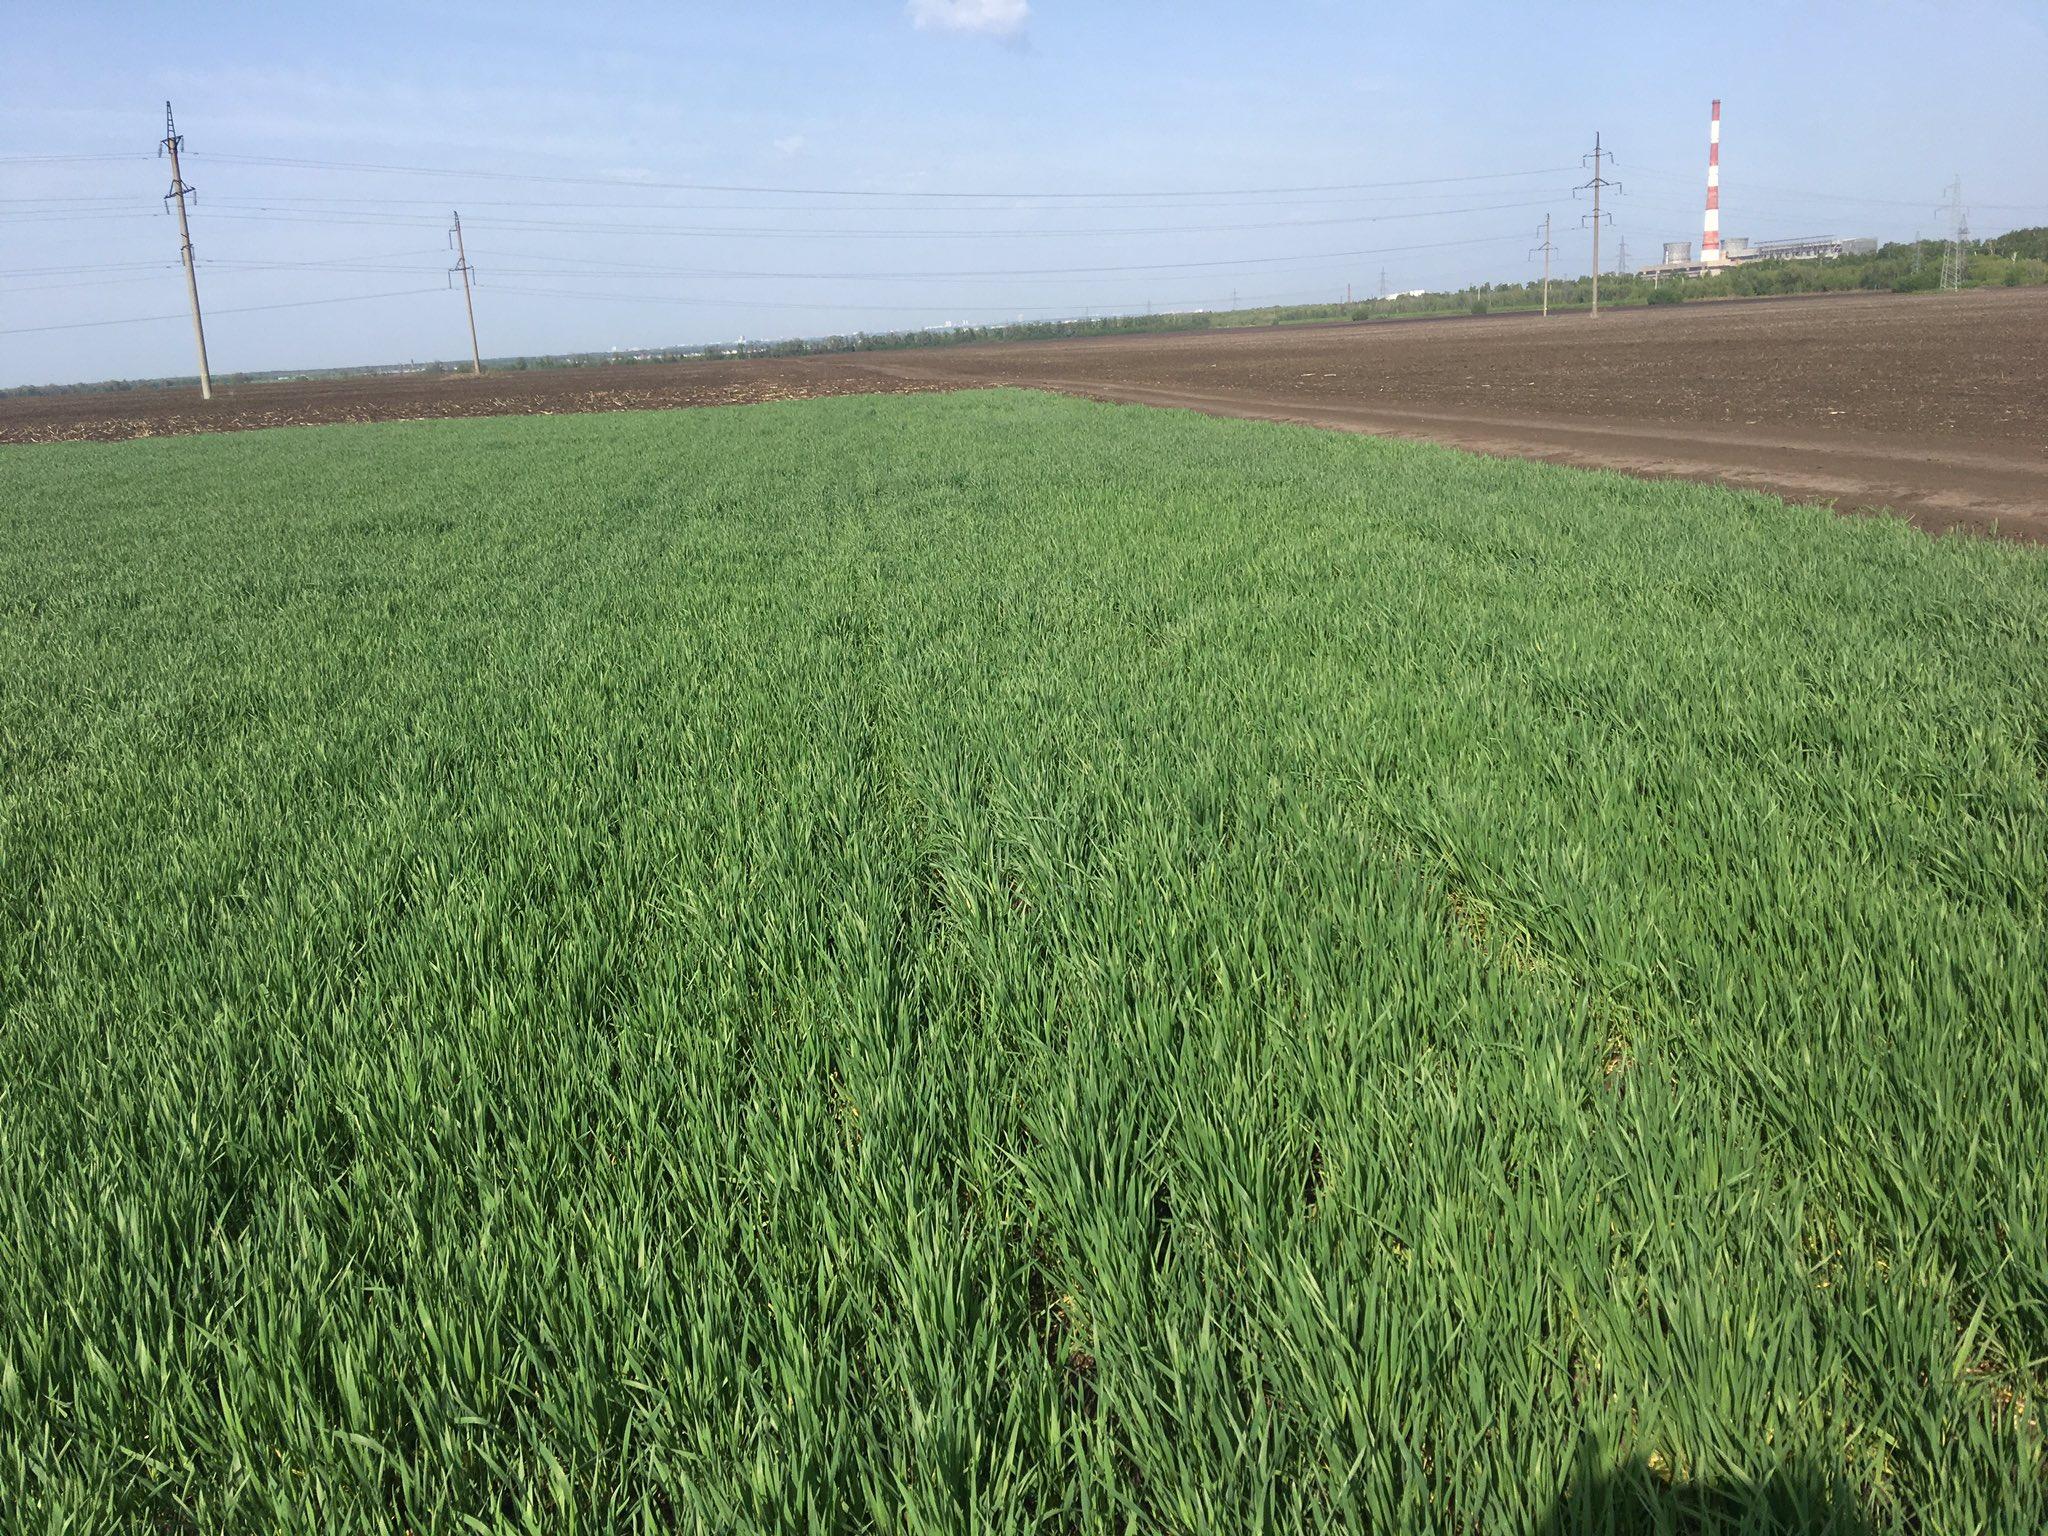 крупного озимая пшеница фото весной всходы пожелтели получат